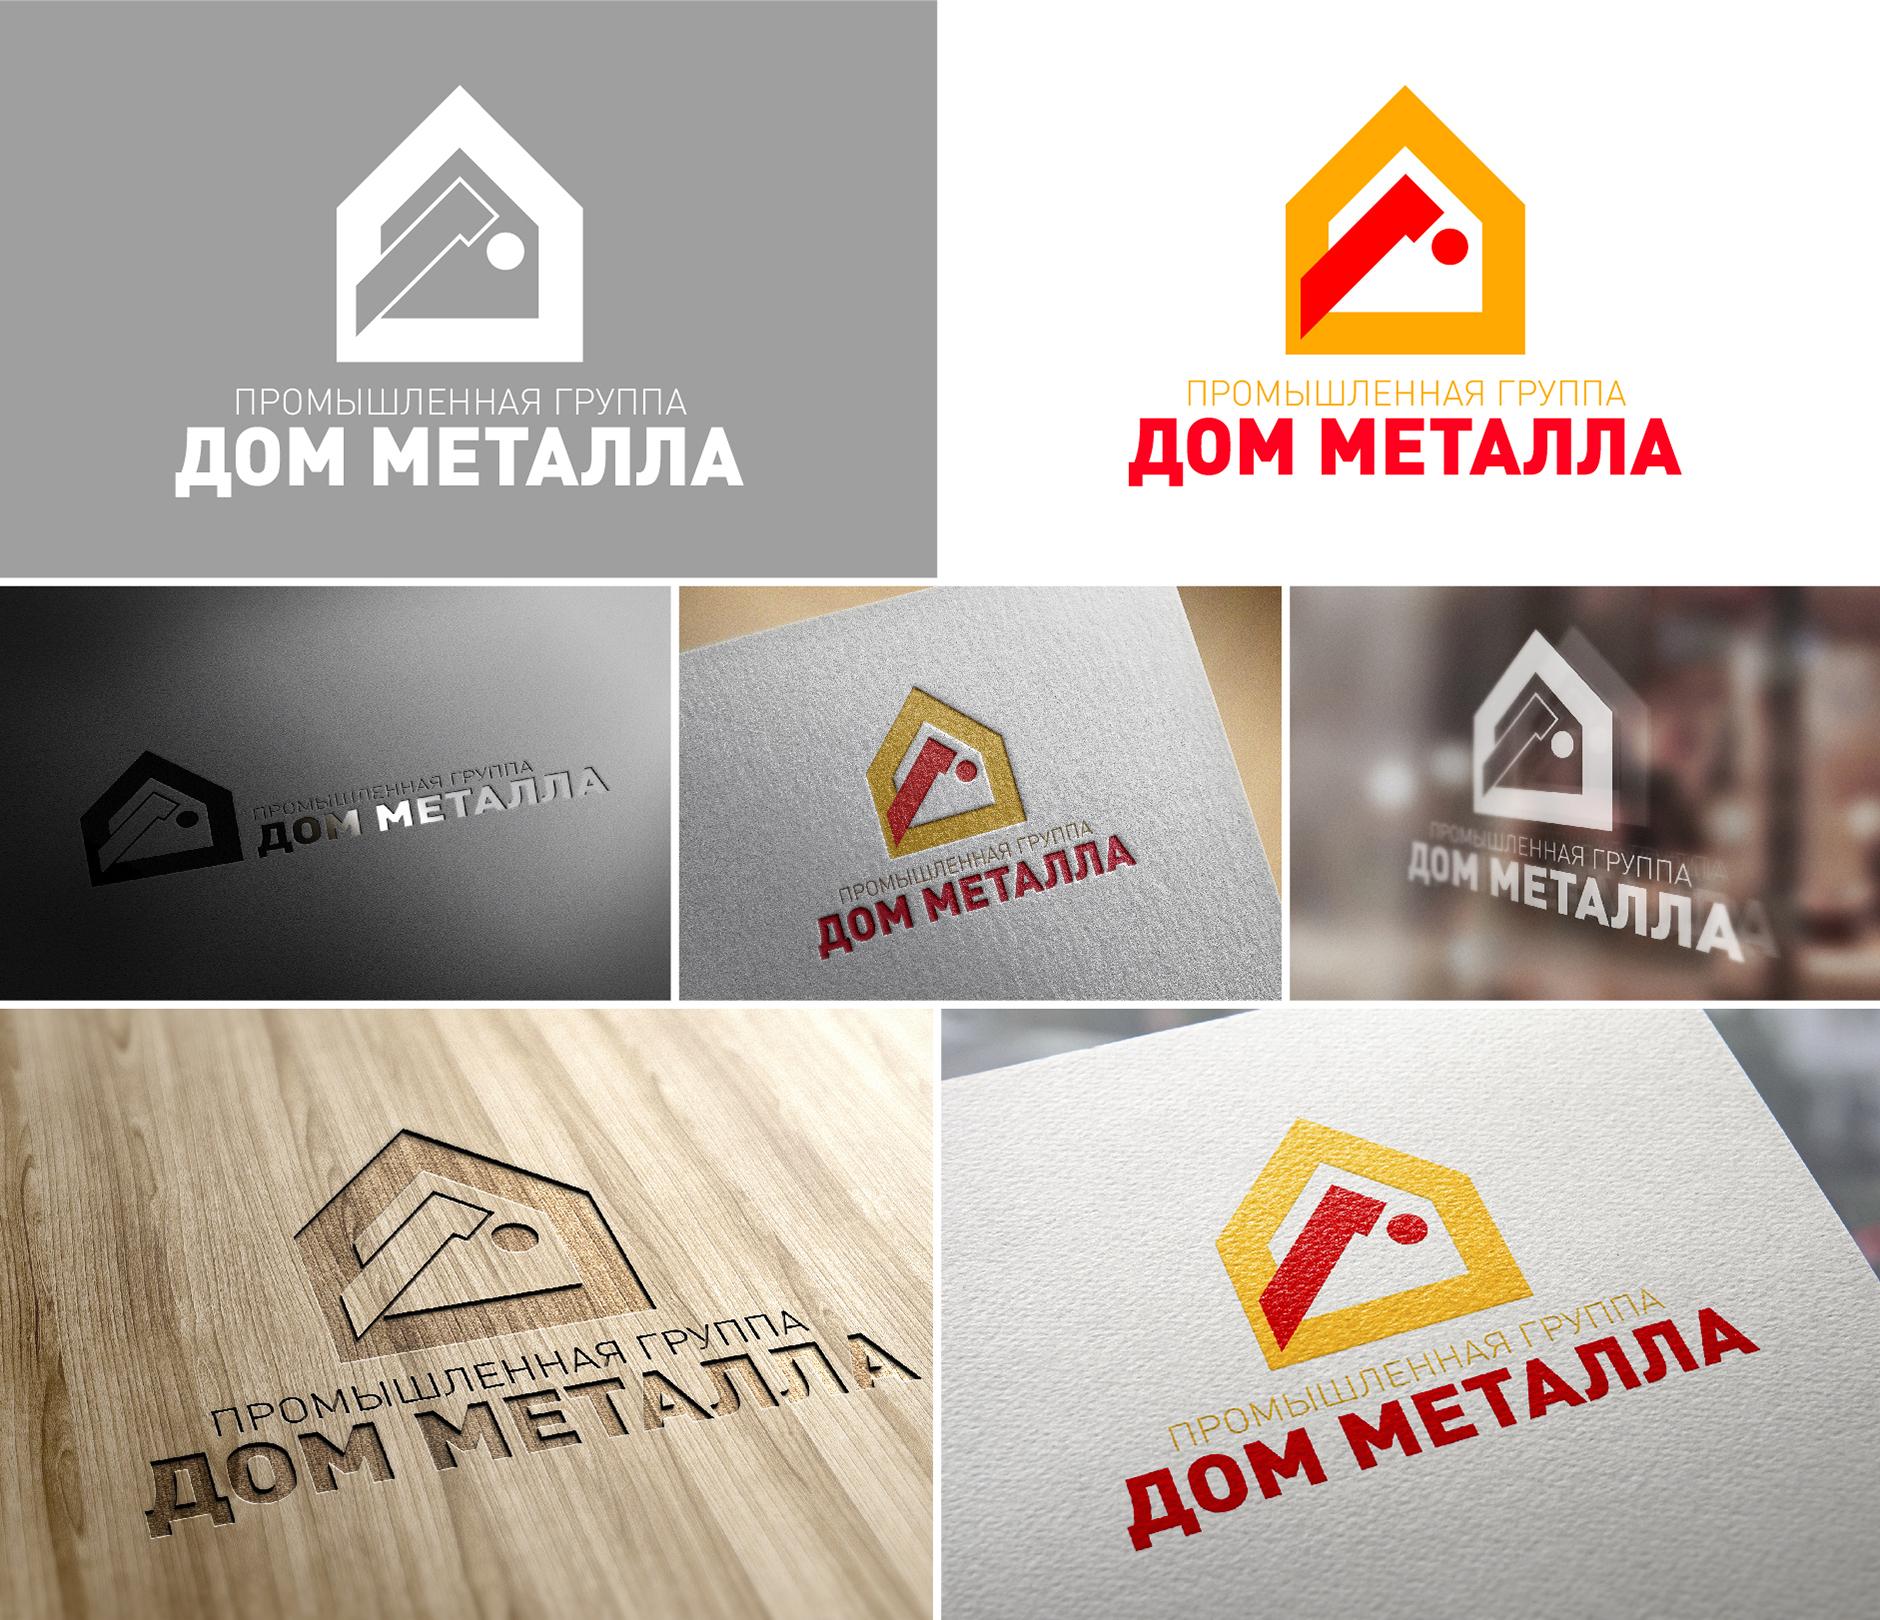 Разработка логотипа фото f_2255c5c5a393a34a.jpg